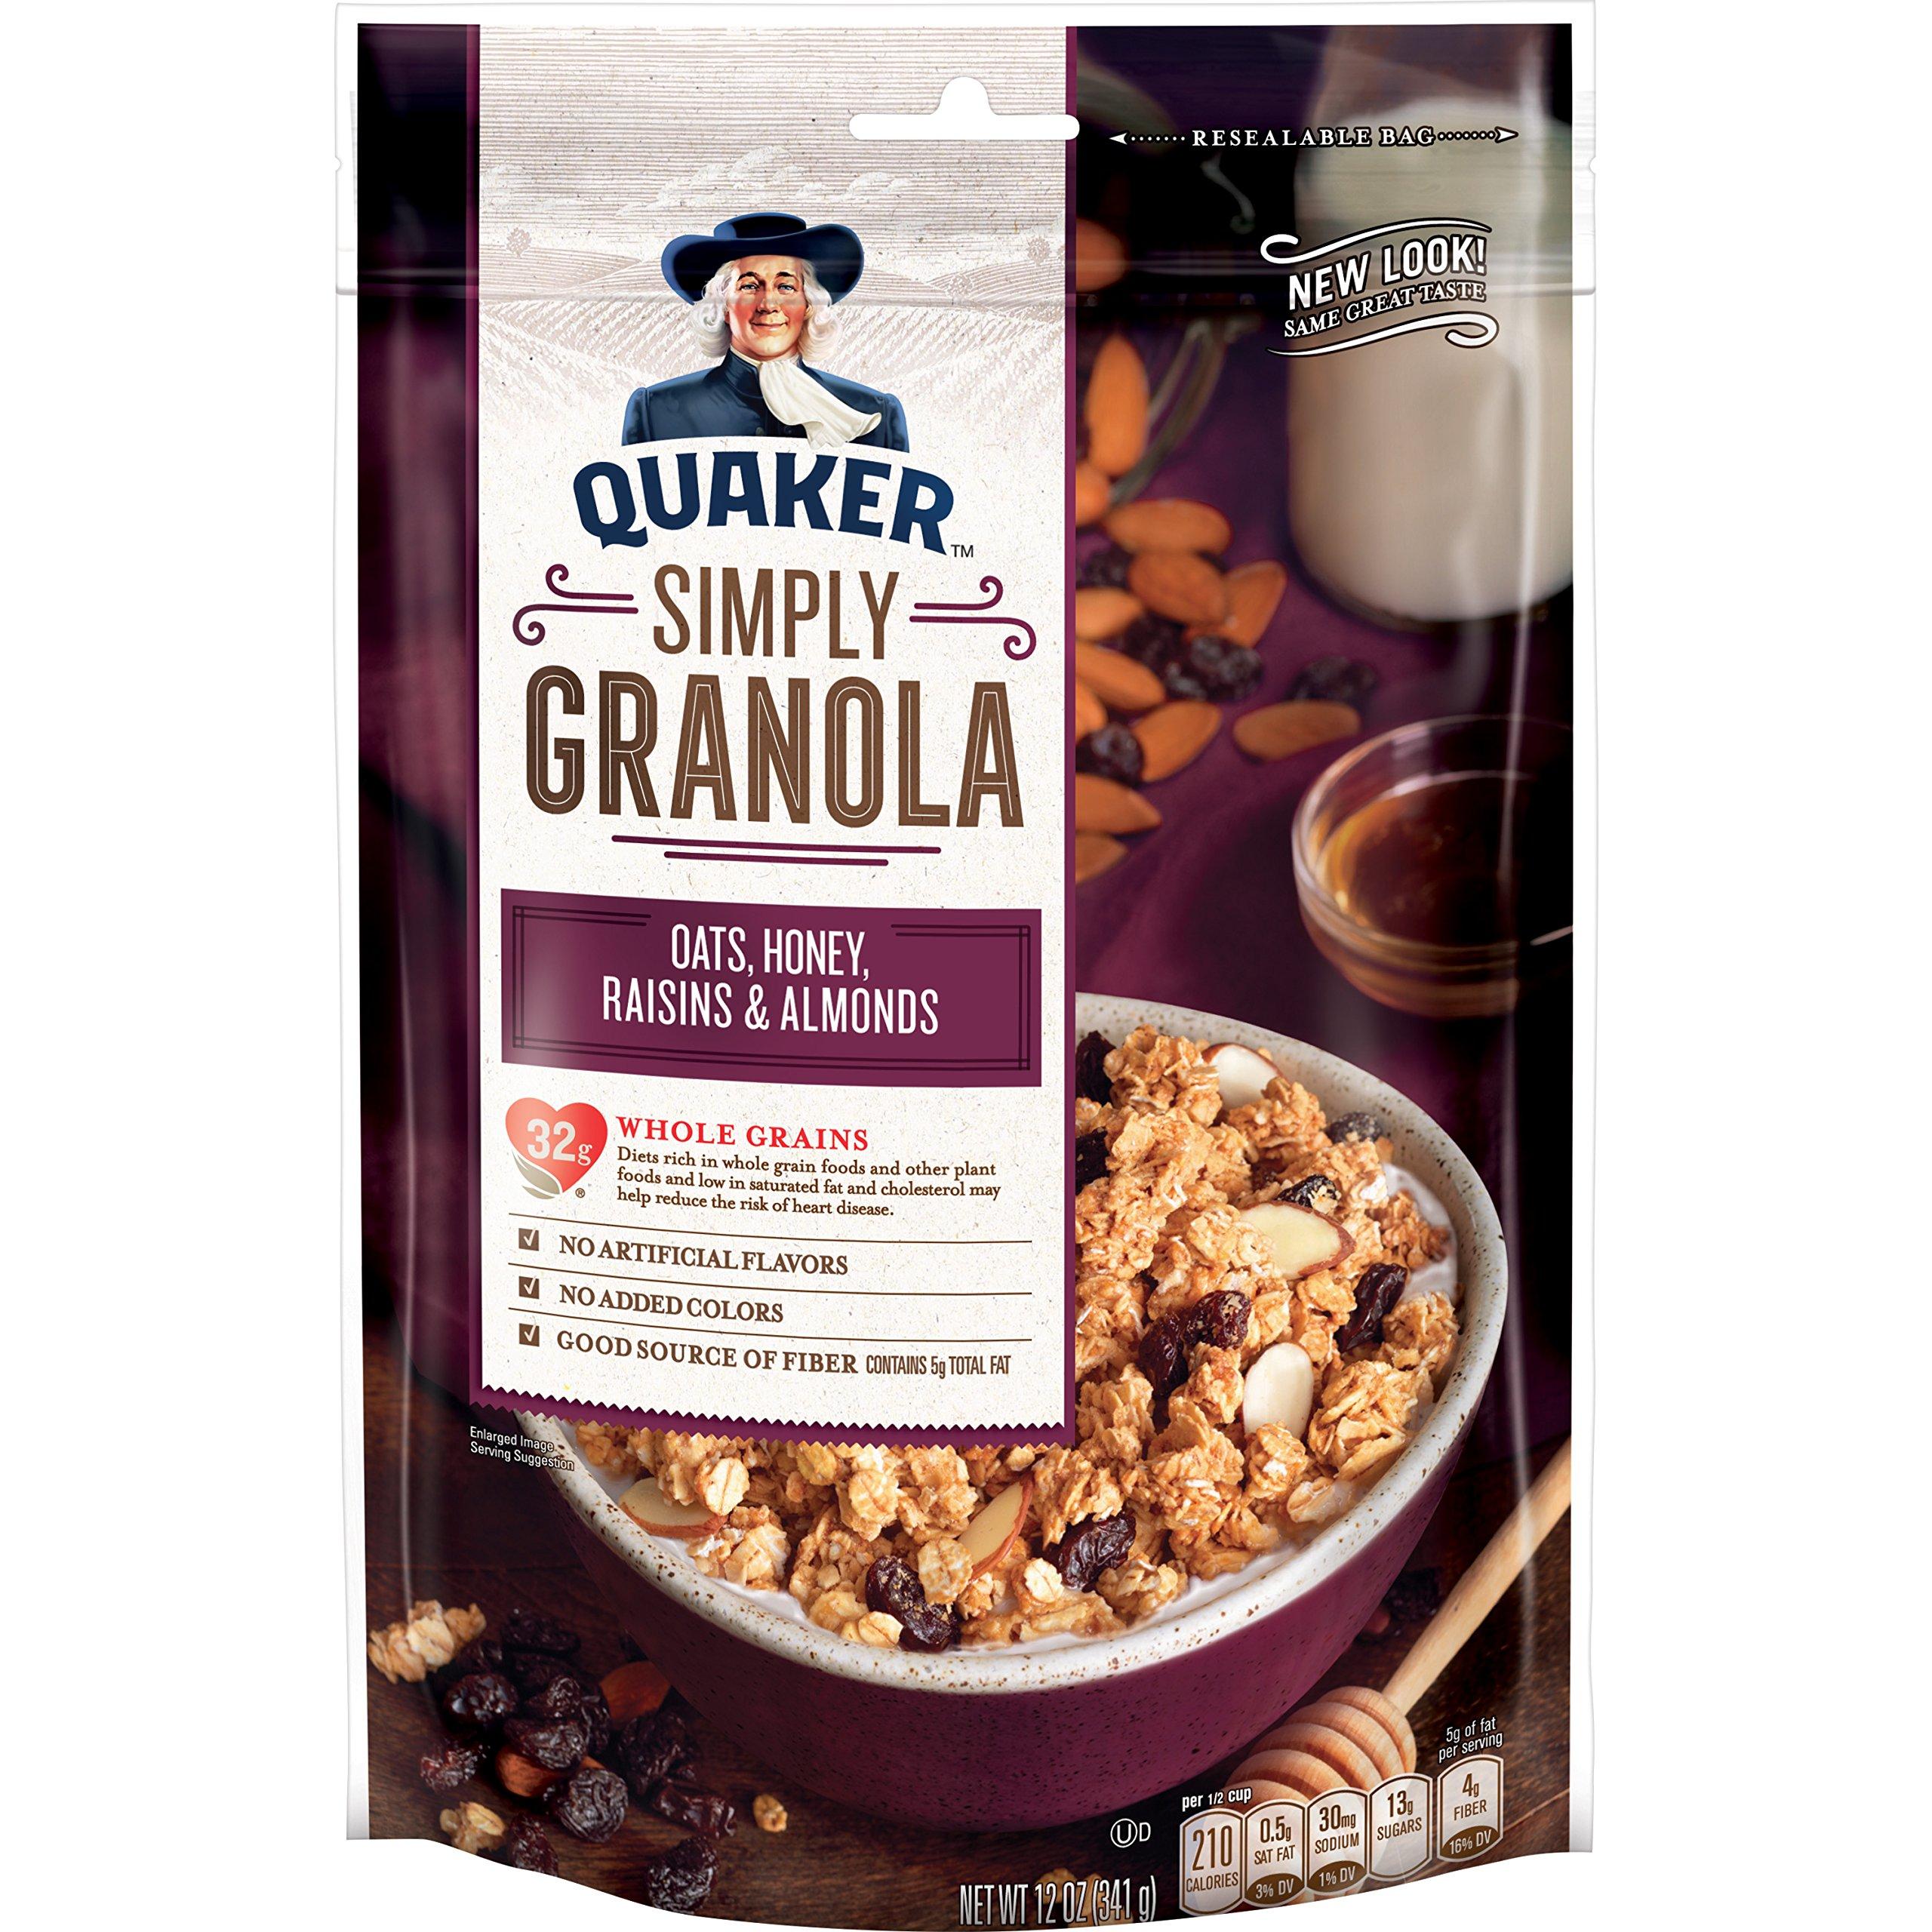 Quaker Simply Granola, Oats, Honey, Raisins & Almonds, (12 oz each) 6 Bags